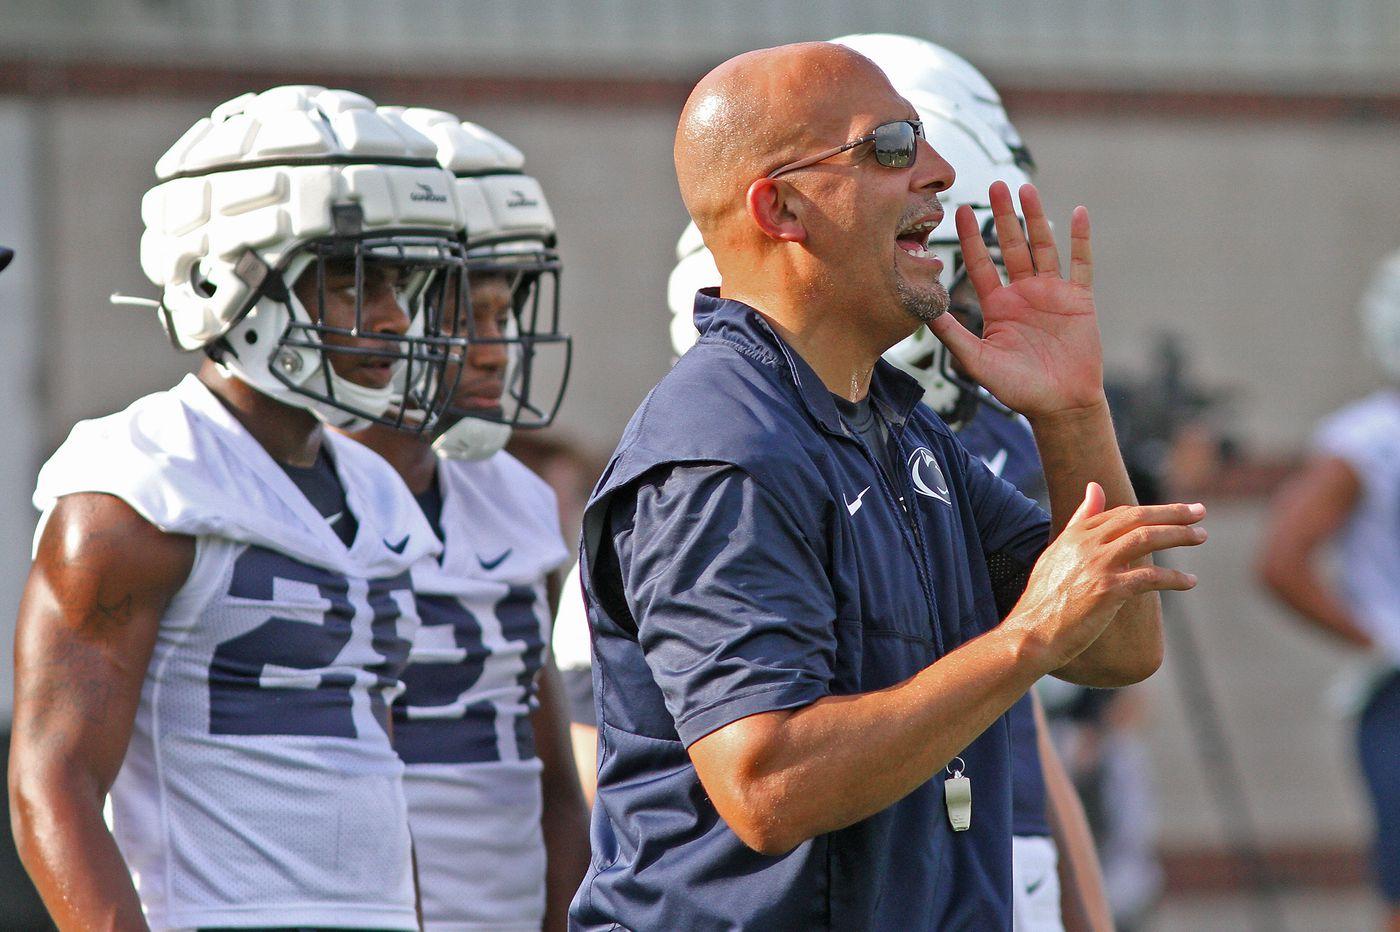 4-star running back chooses Penn State over Florida, Auburn